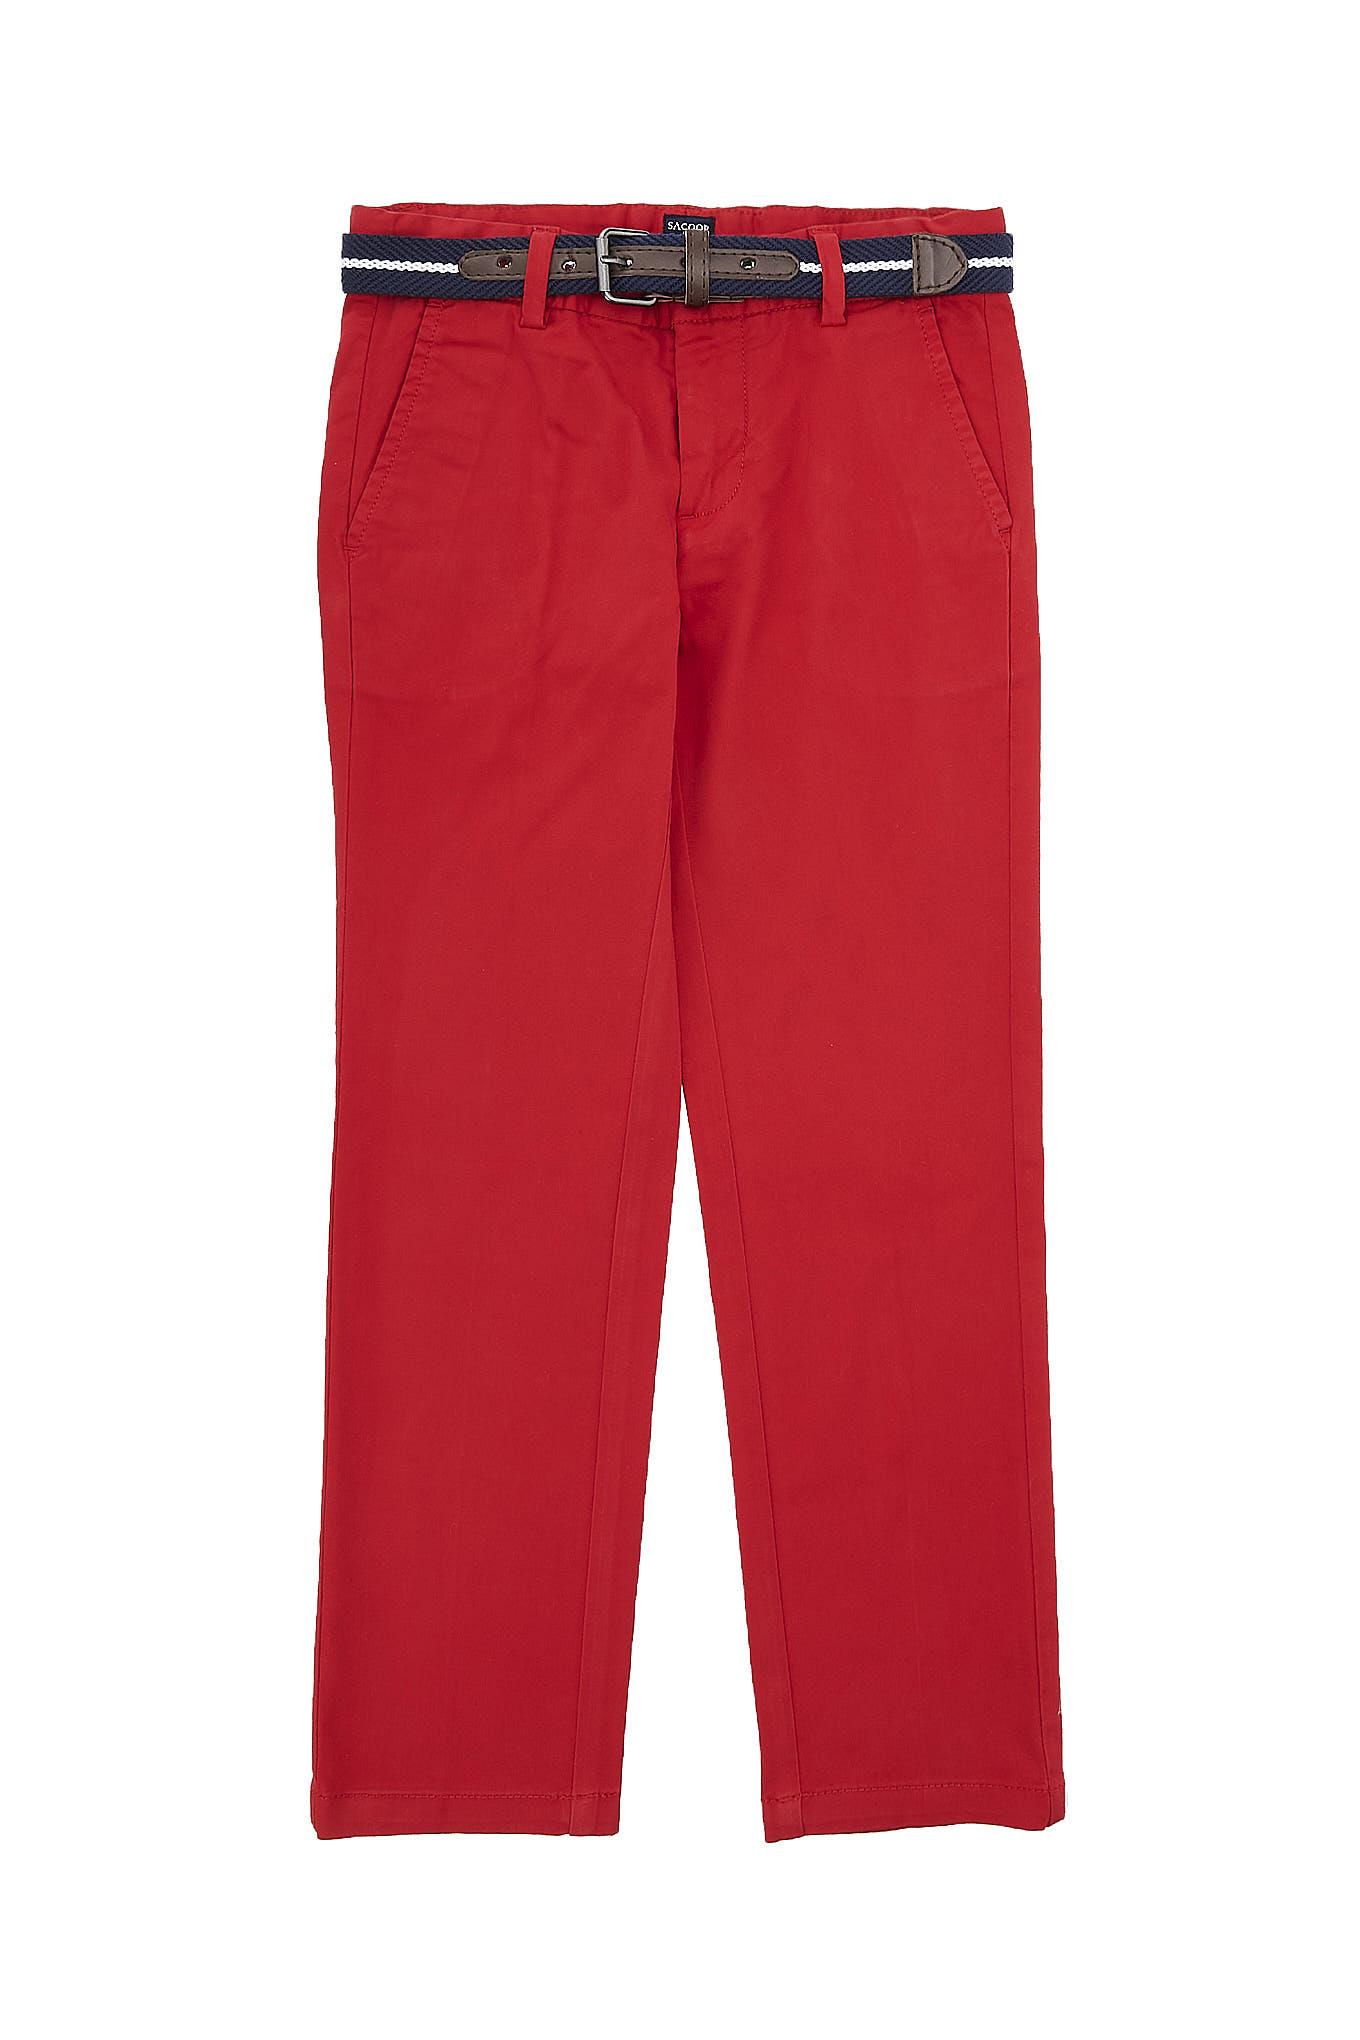 Calças Chino Vermelho Casual Rapaz